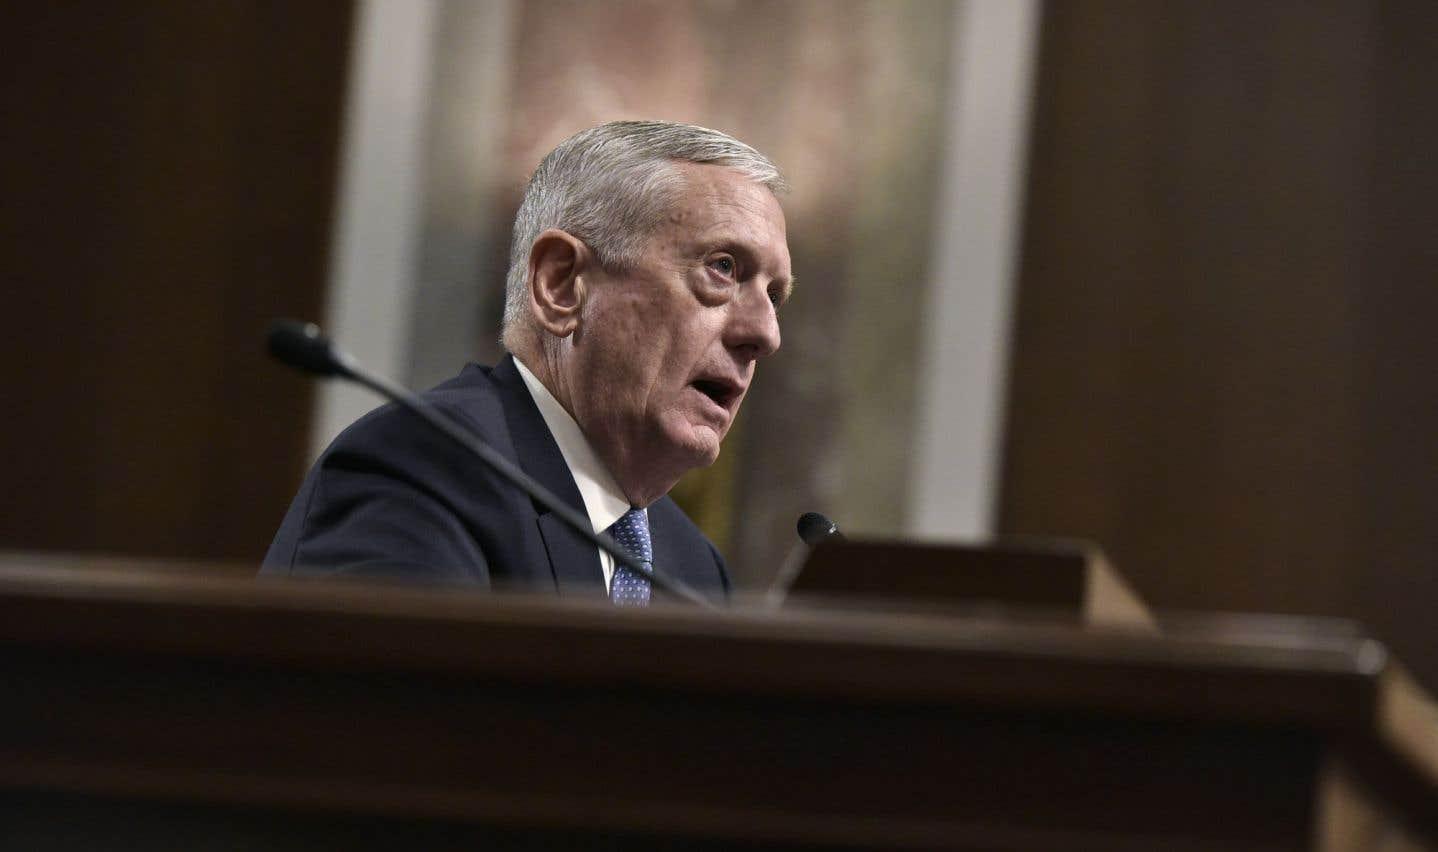 Le général Mattis confirmé comme secrétaire à la Défense